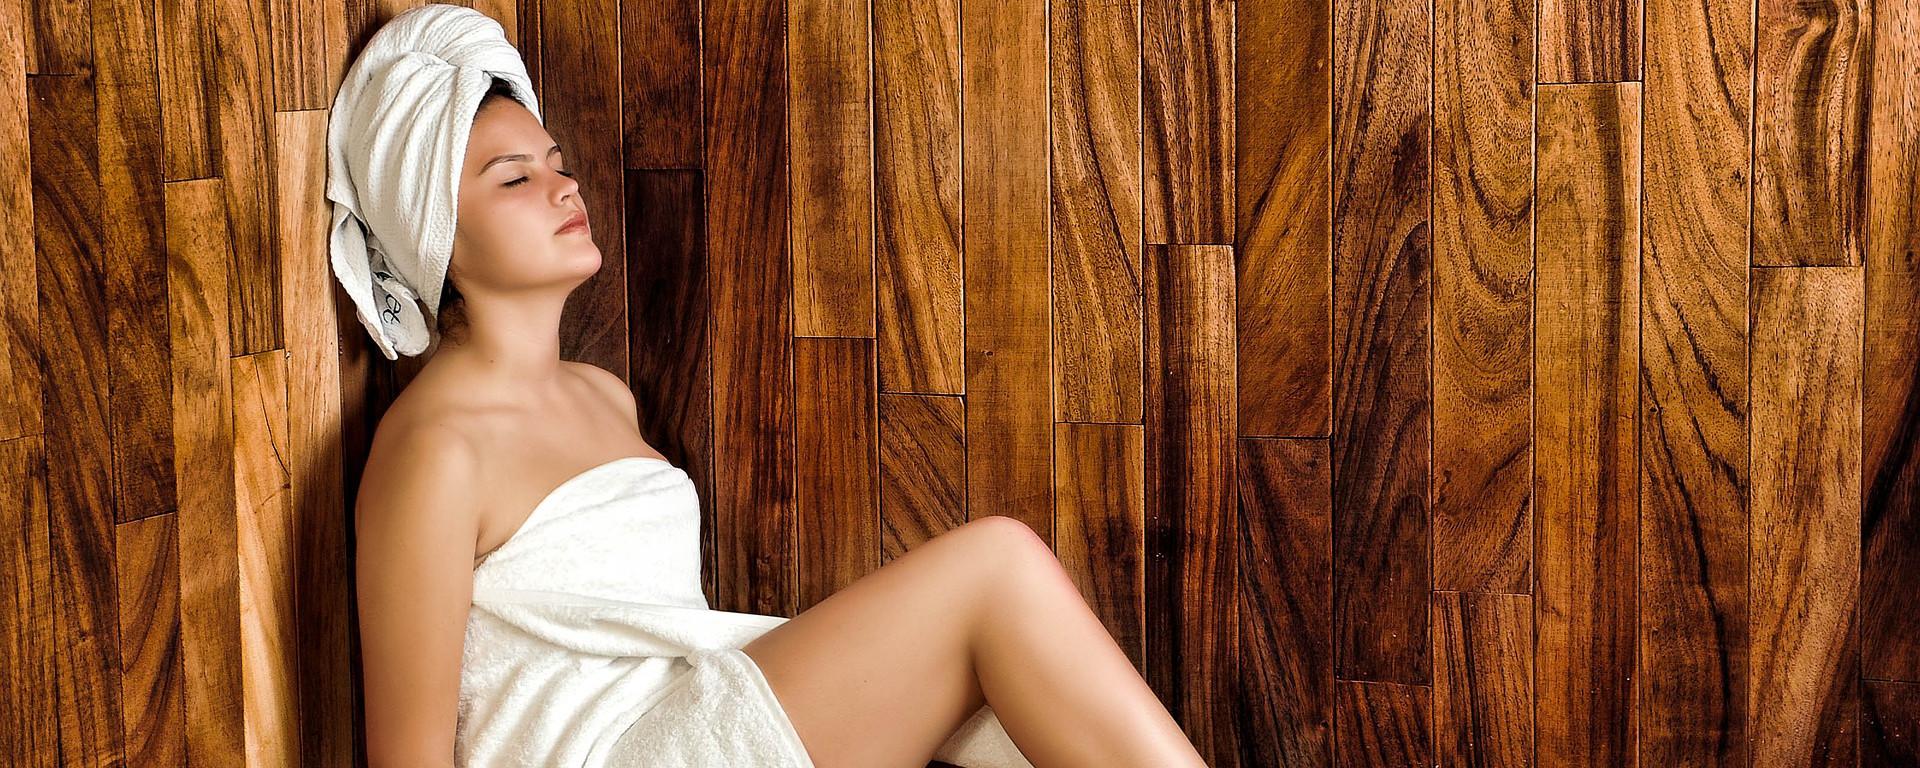 Rooftop-Sauna- & Wellness-Oase des SAVOY Hotel Frankfurt: Entspannung und Erholung nach einem anstrengenden Messe- oder Sightsseeing-Tag